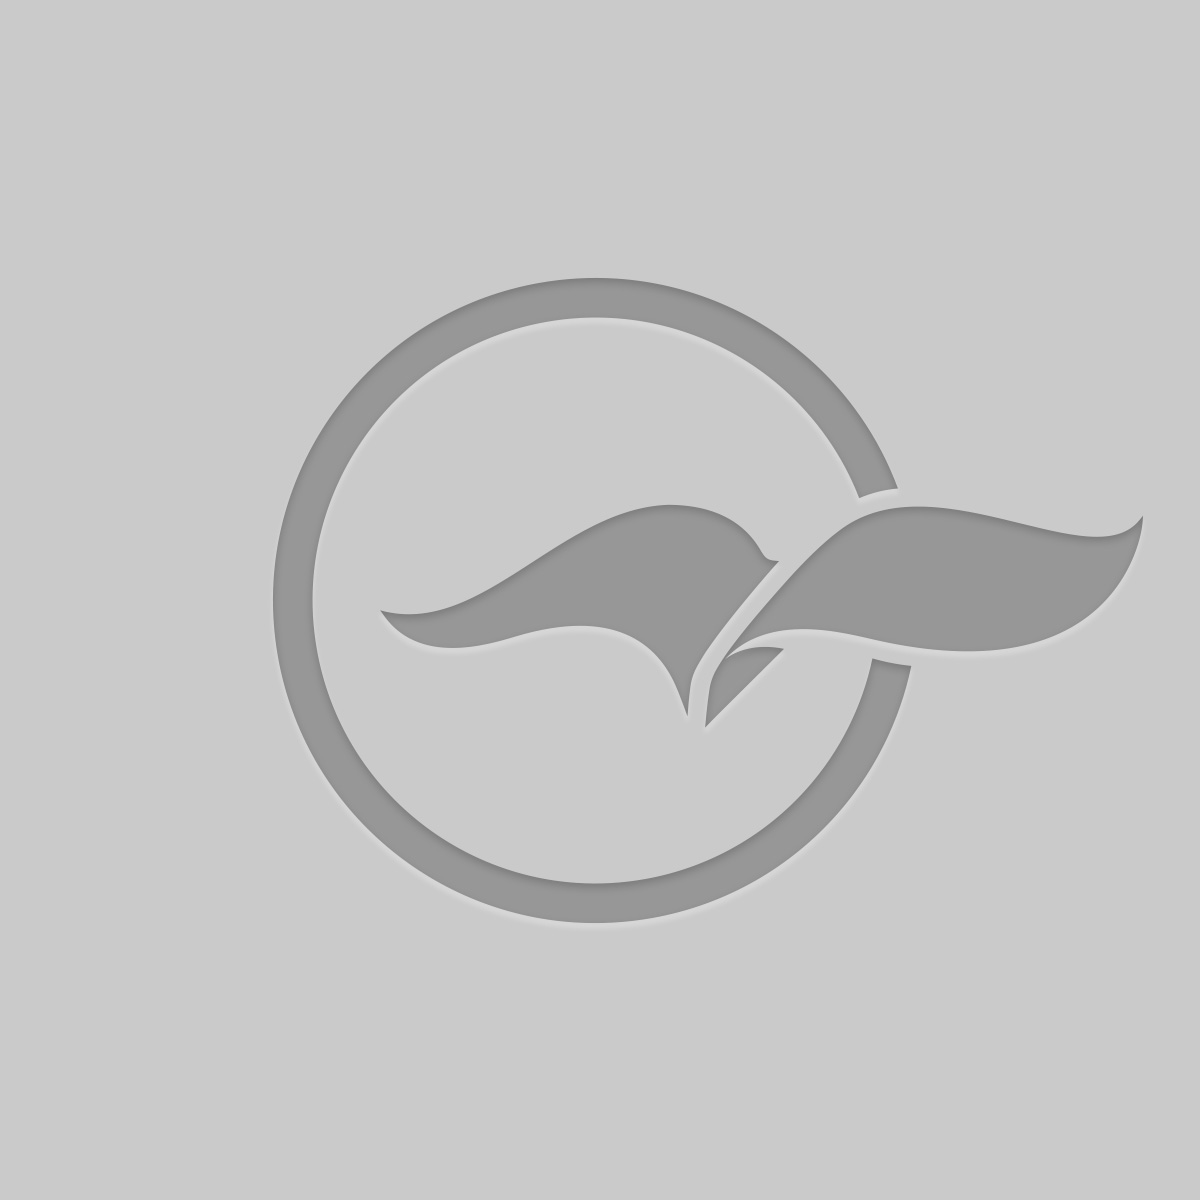 ഇന്ത്യ ലോകത്തെ അഞ്ചാമത്തെ വലിയ സാമ്പത്തിക ശക്തിയാകുമെന്ന് മോദി